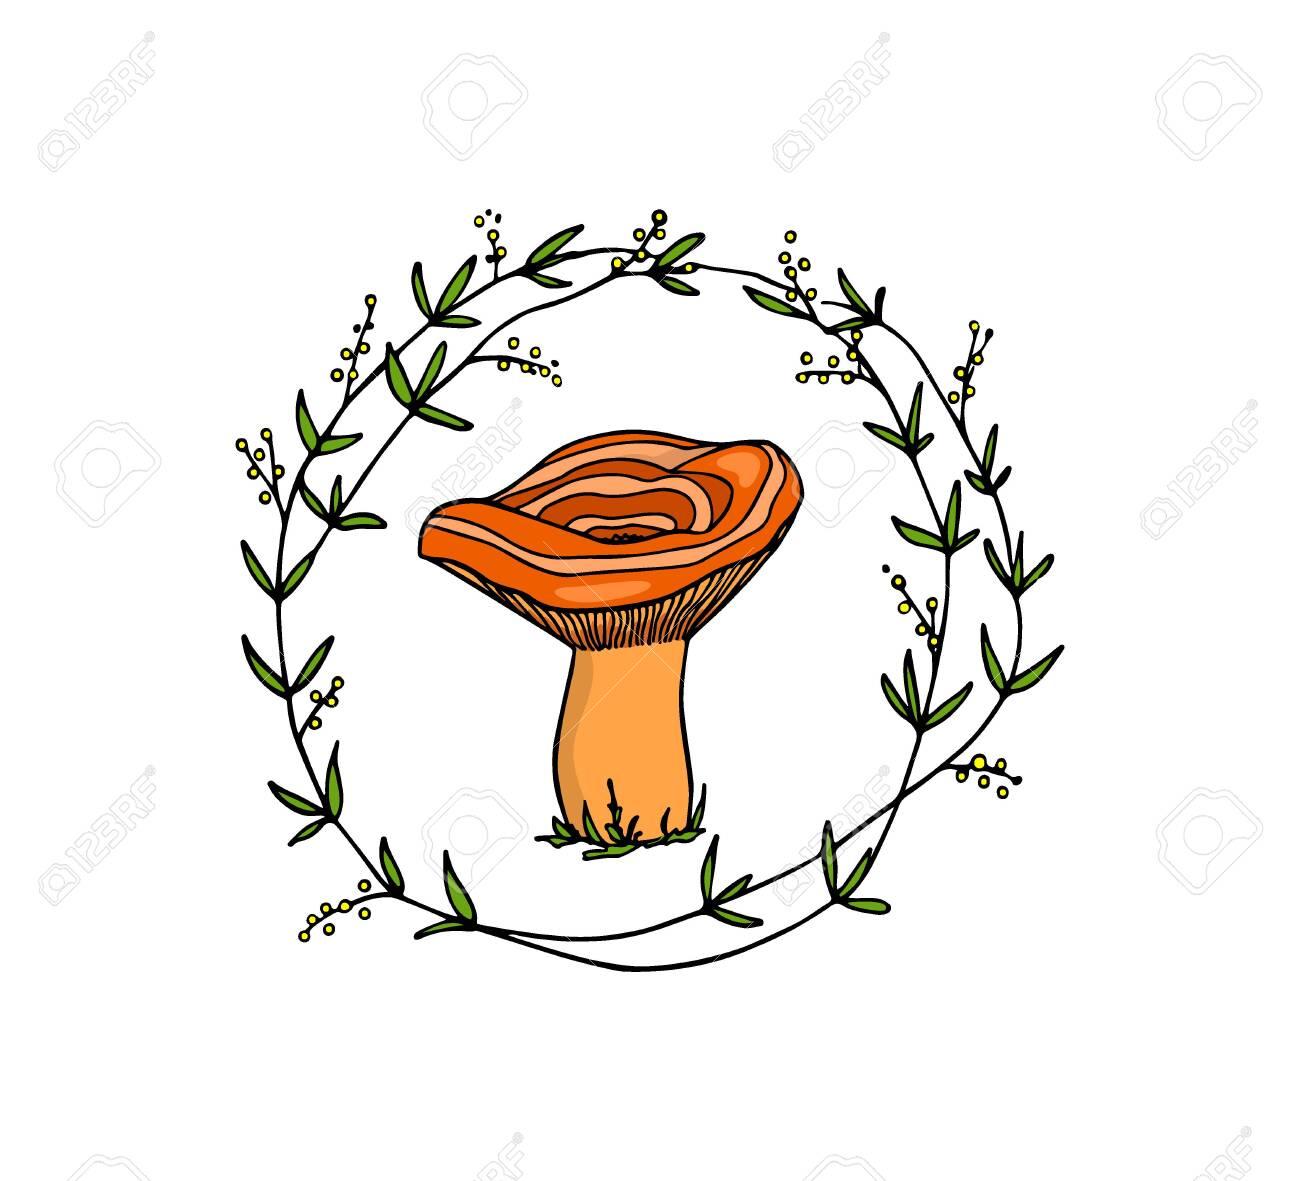 Hand drawn mushroom emblem - 132781983